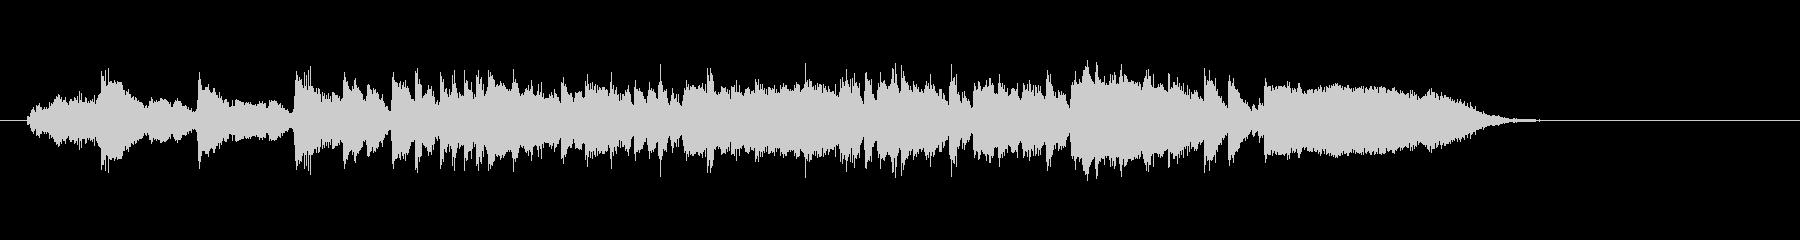 テーマ4B:フルミックス、パンチ、...の未再生の波形